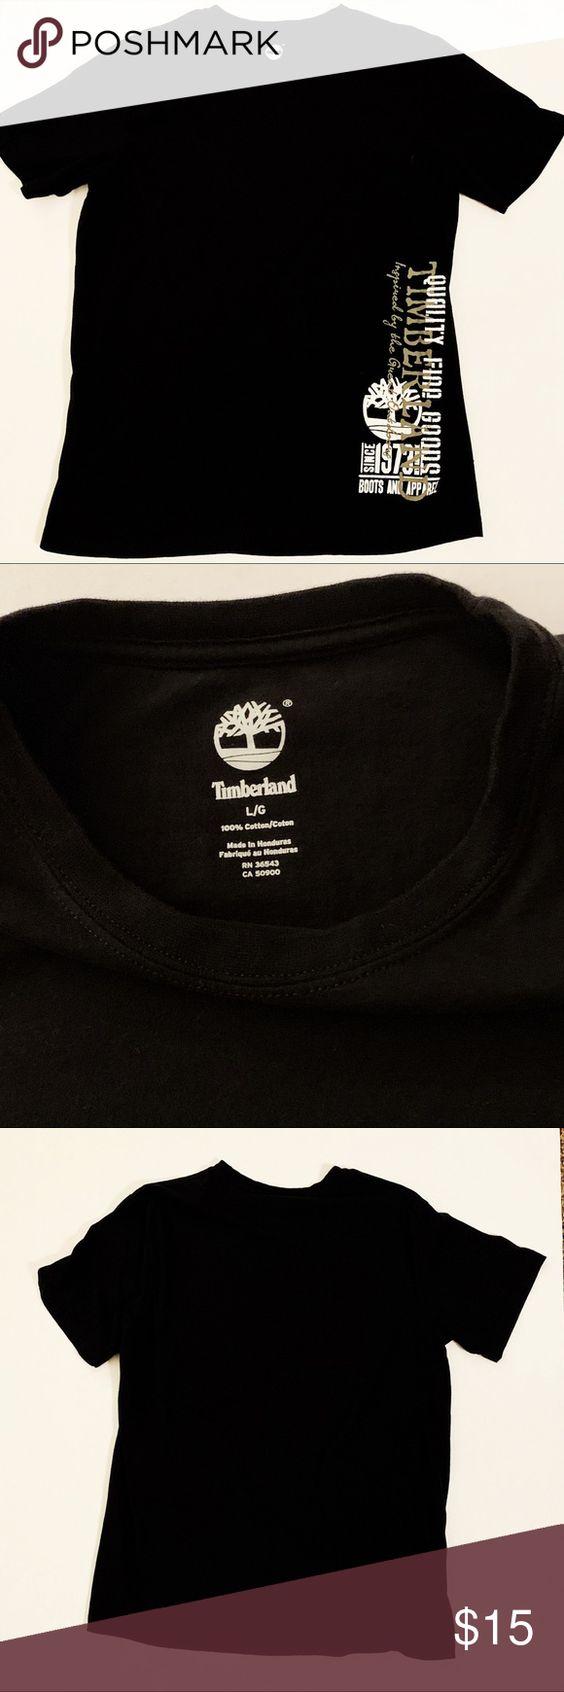 Timberland Shirt Timberland Shirts Timberland T Shirt Black Timberlands